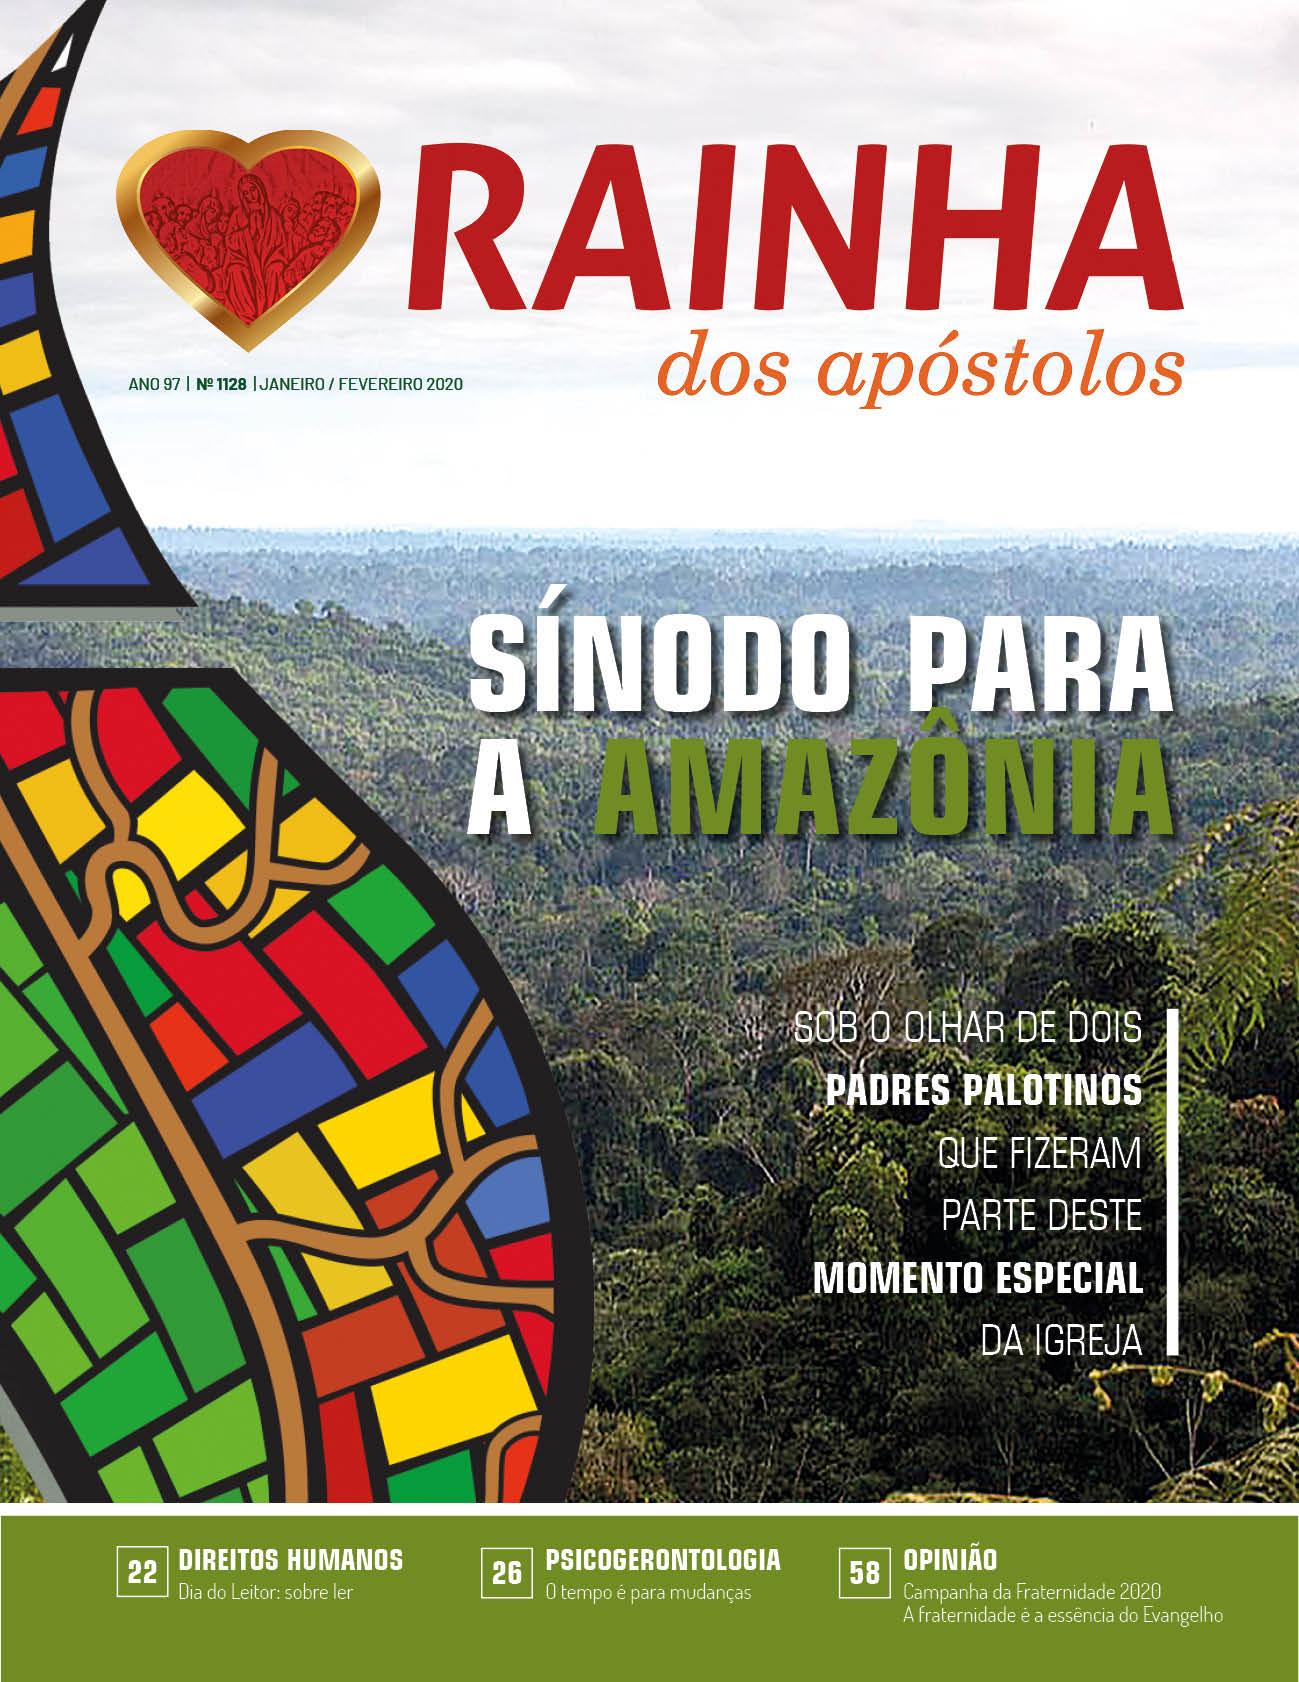 Degustação Rainha Janeiro-Fevereiro 2020